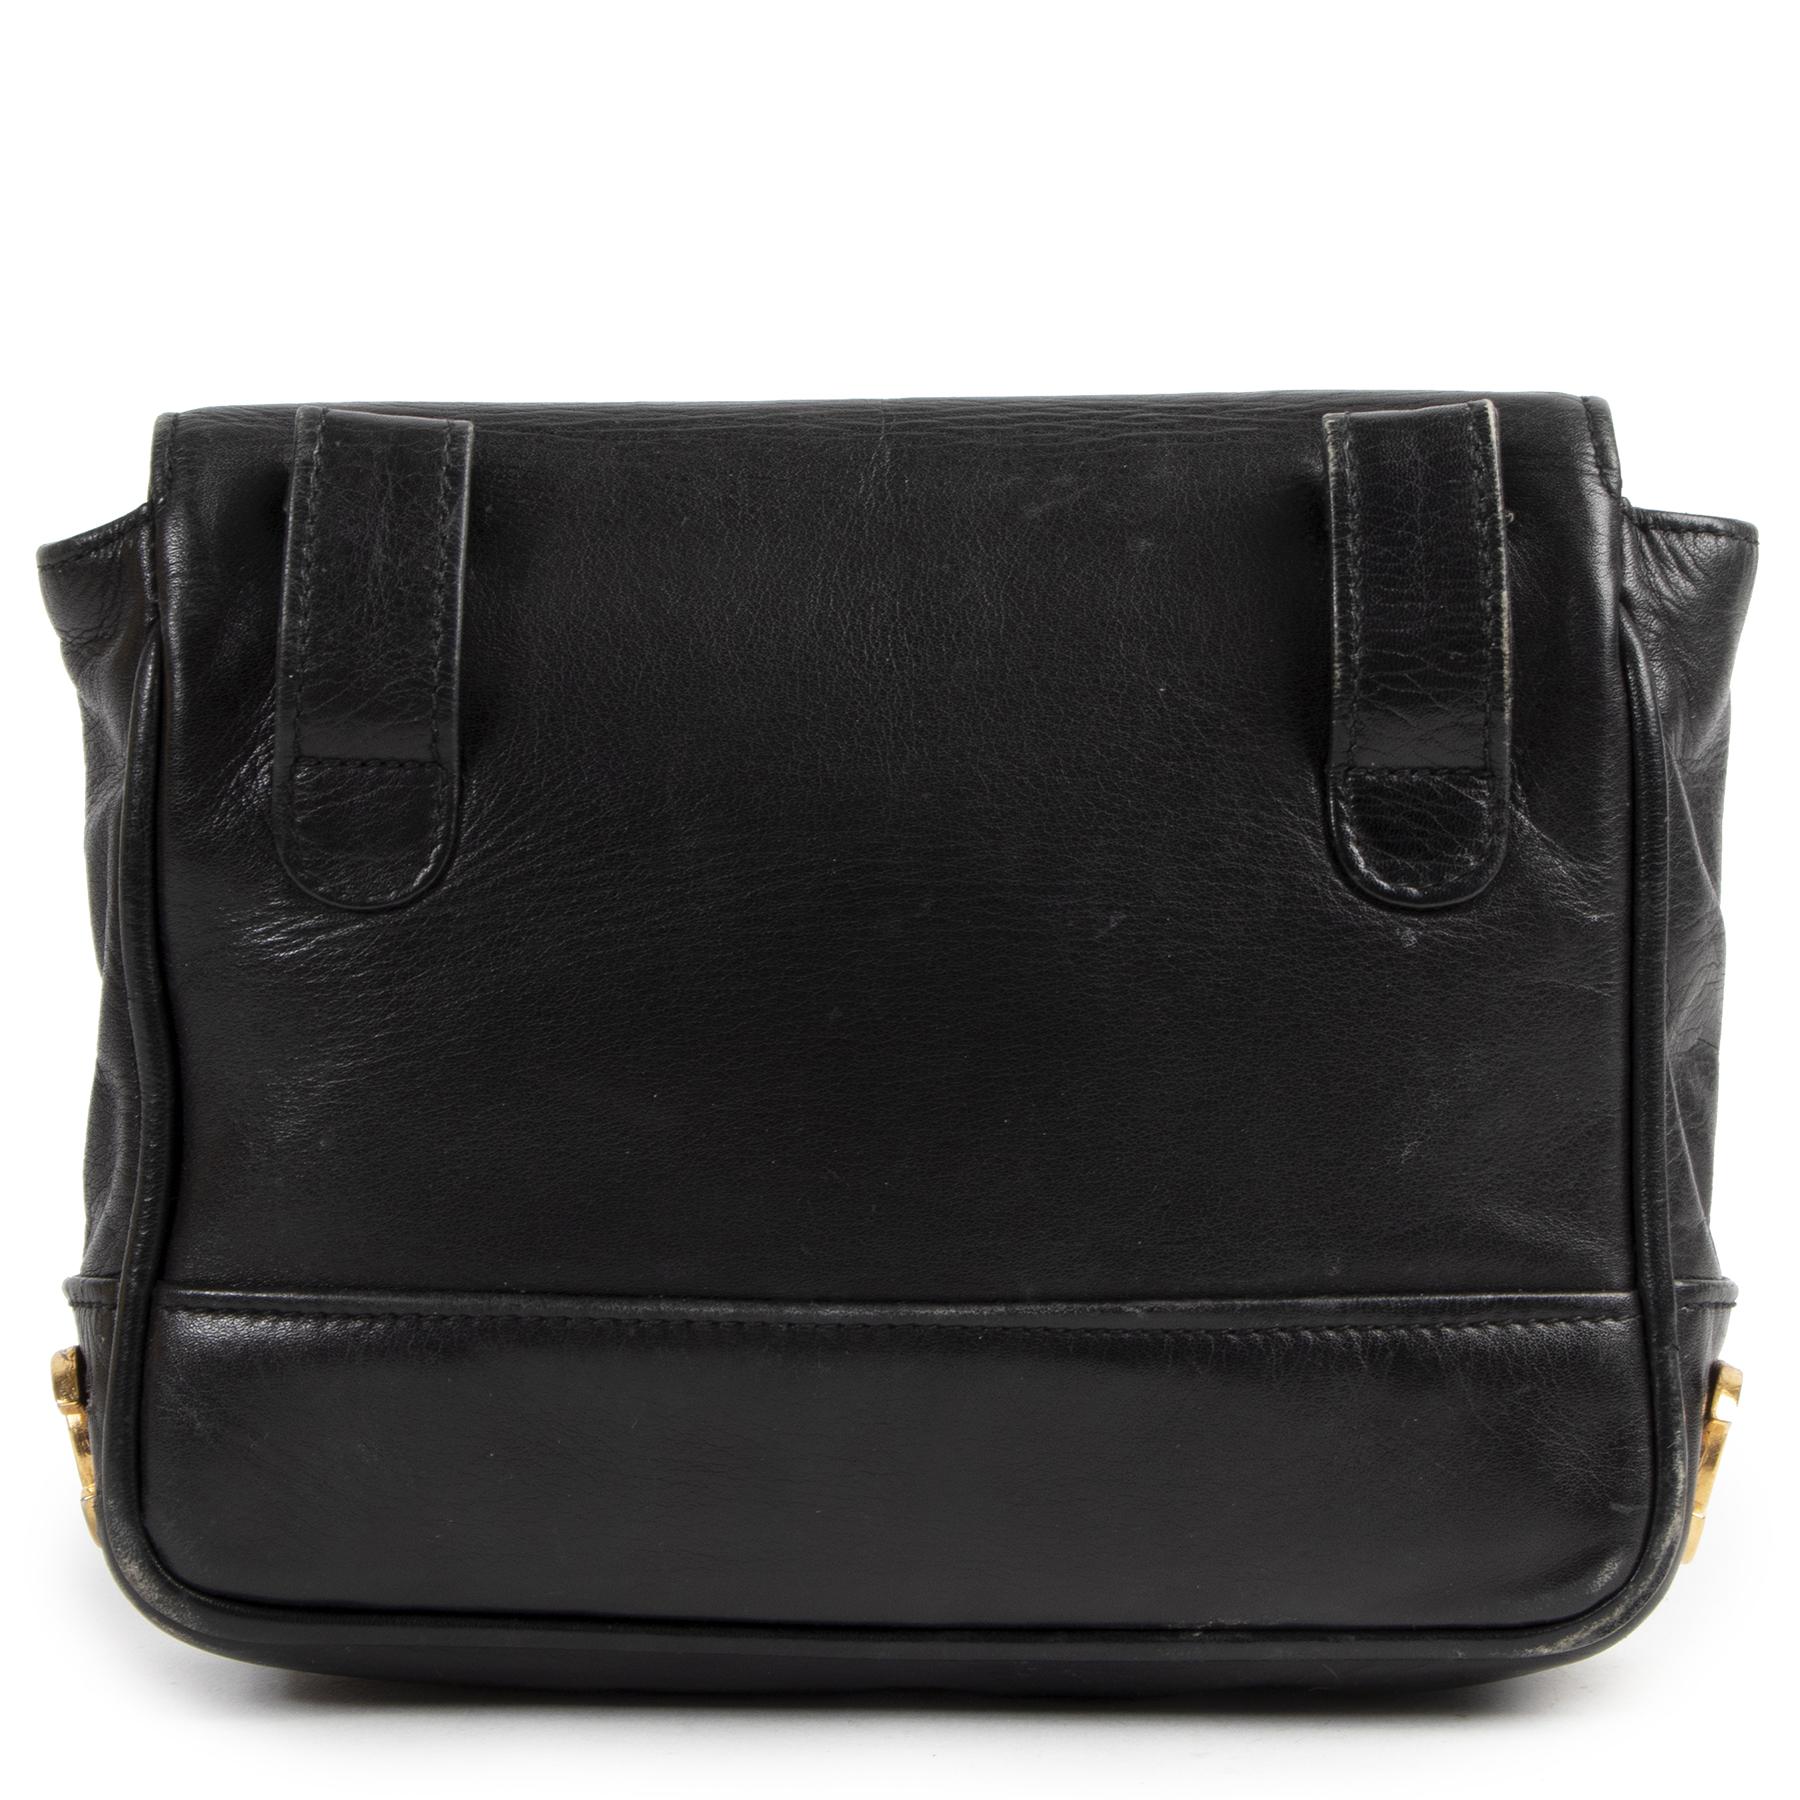 Authentieke Tweedehands Chanel Black Leather CC Belt Bag  juiste prijs veilig online shoppen luxe merken webshop winkelen Antwerpen België mode fashion